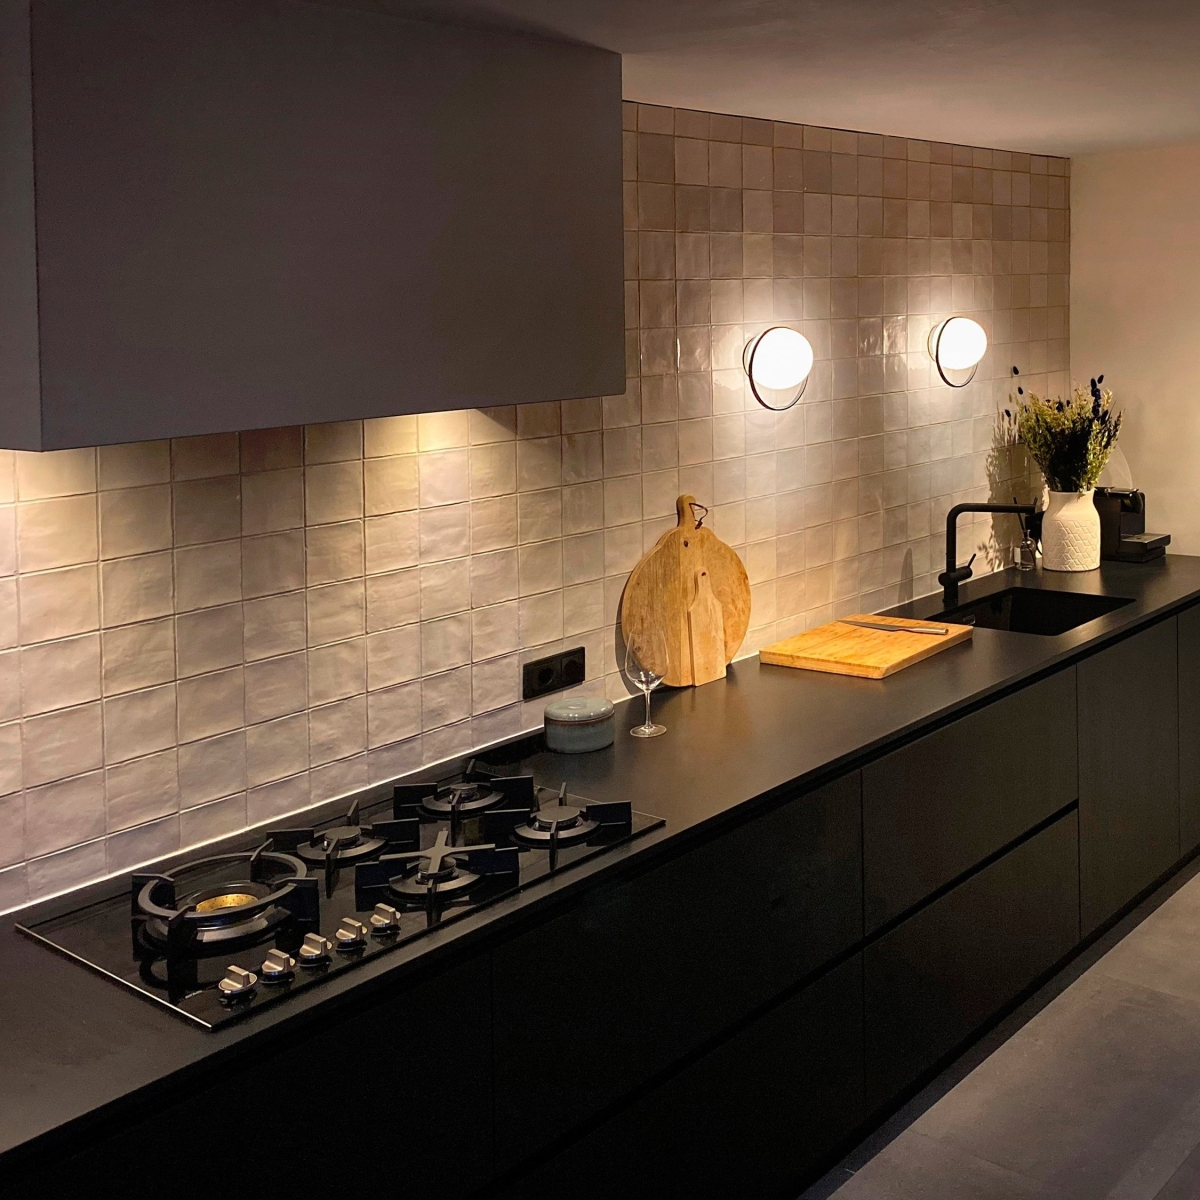 Foto de Aplique de pared redondo Circ de Interior en Negro en una cocina. Estiluz